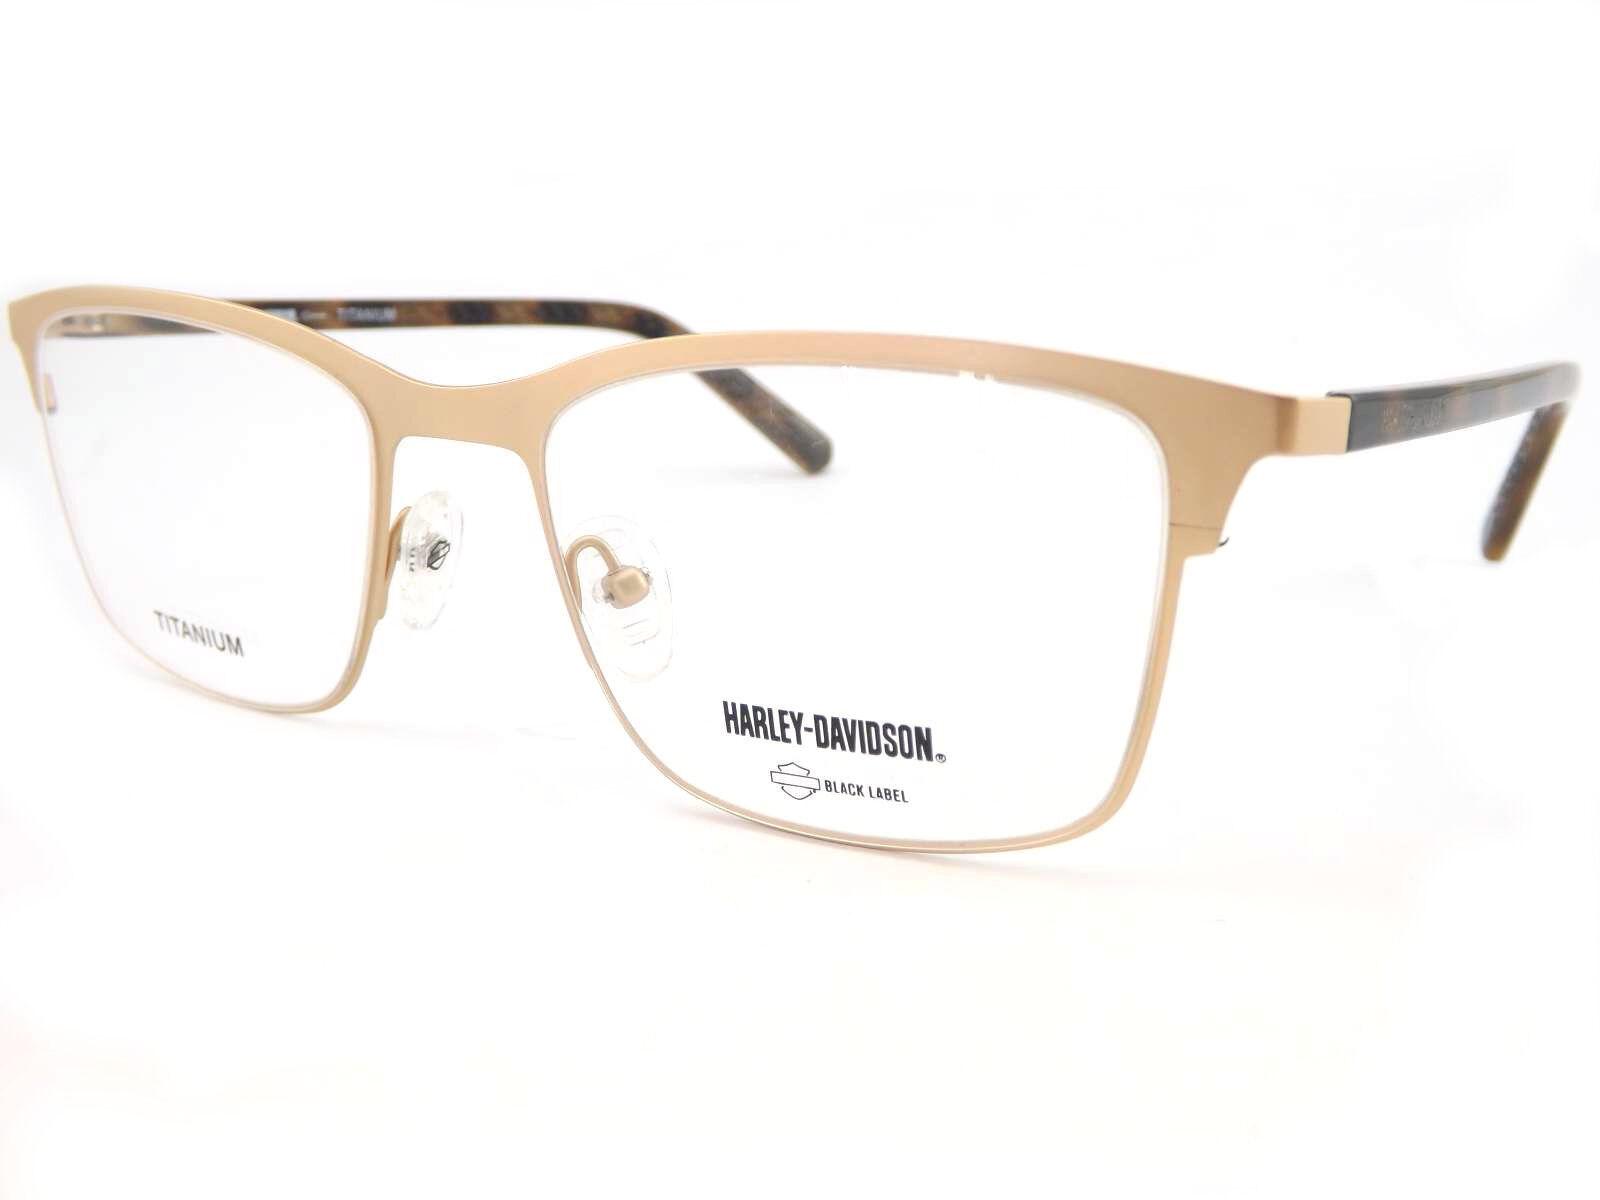 ed1f062827f HARLEY DAVIDSON Rimmed Optical Glasses Spectacle RX Frames Satin ...